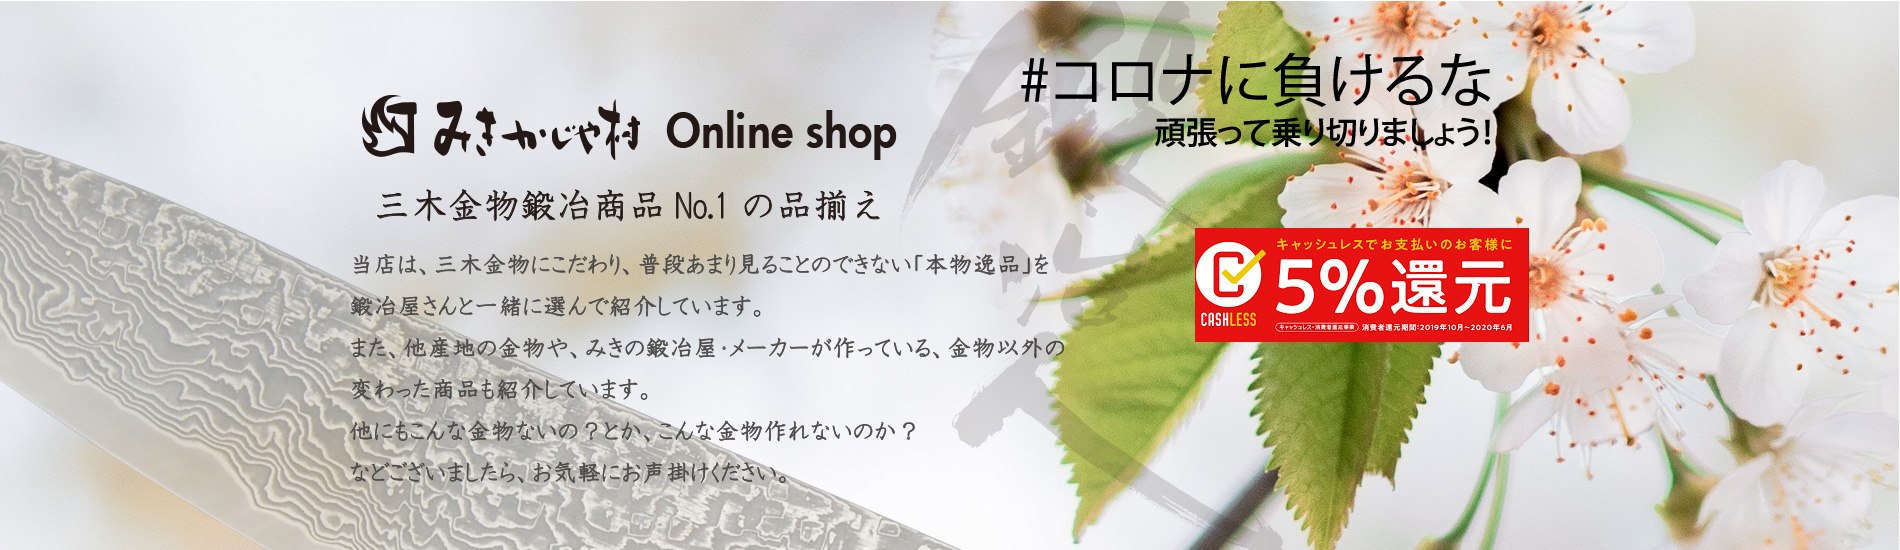 全商品【カテゴリー別】